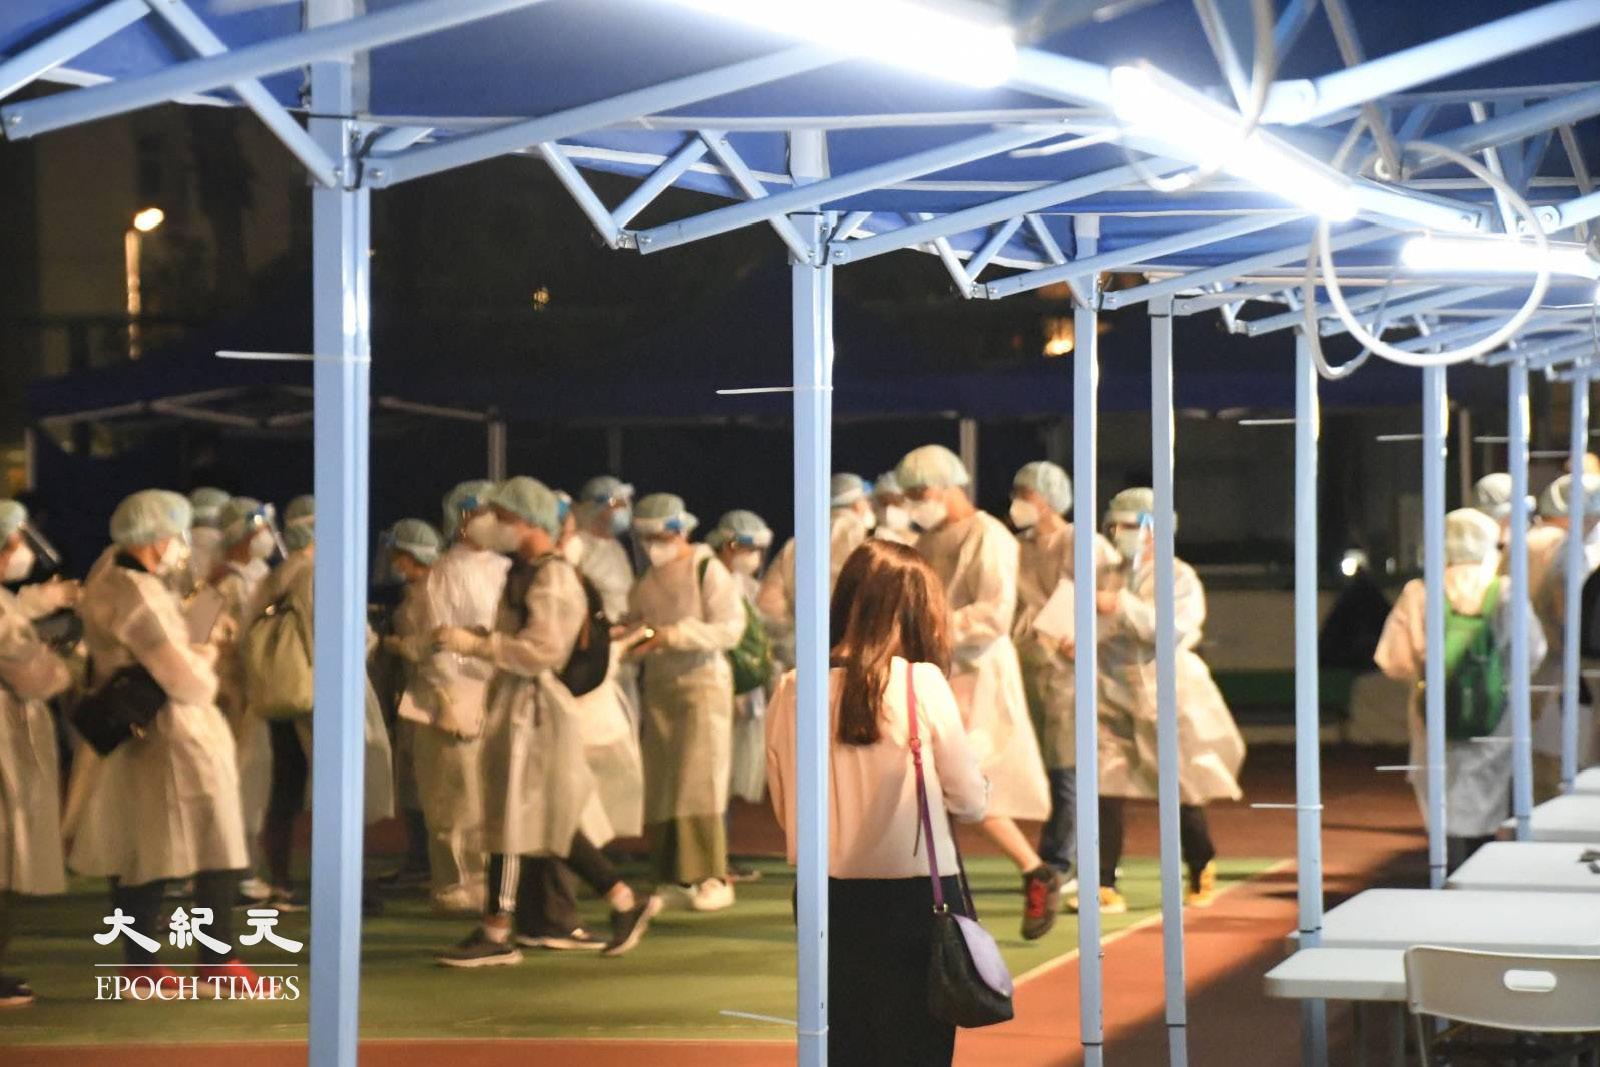 夜晚8時許,數十名穿著保護衣的工作人員在麗城花園二期平台。(麥碧/大紀元)